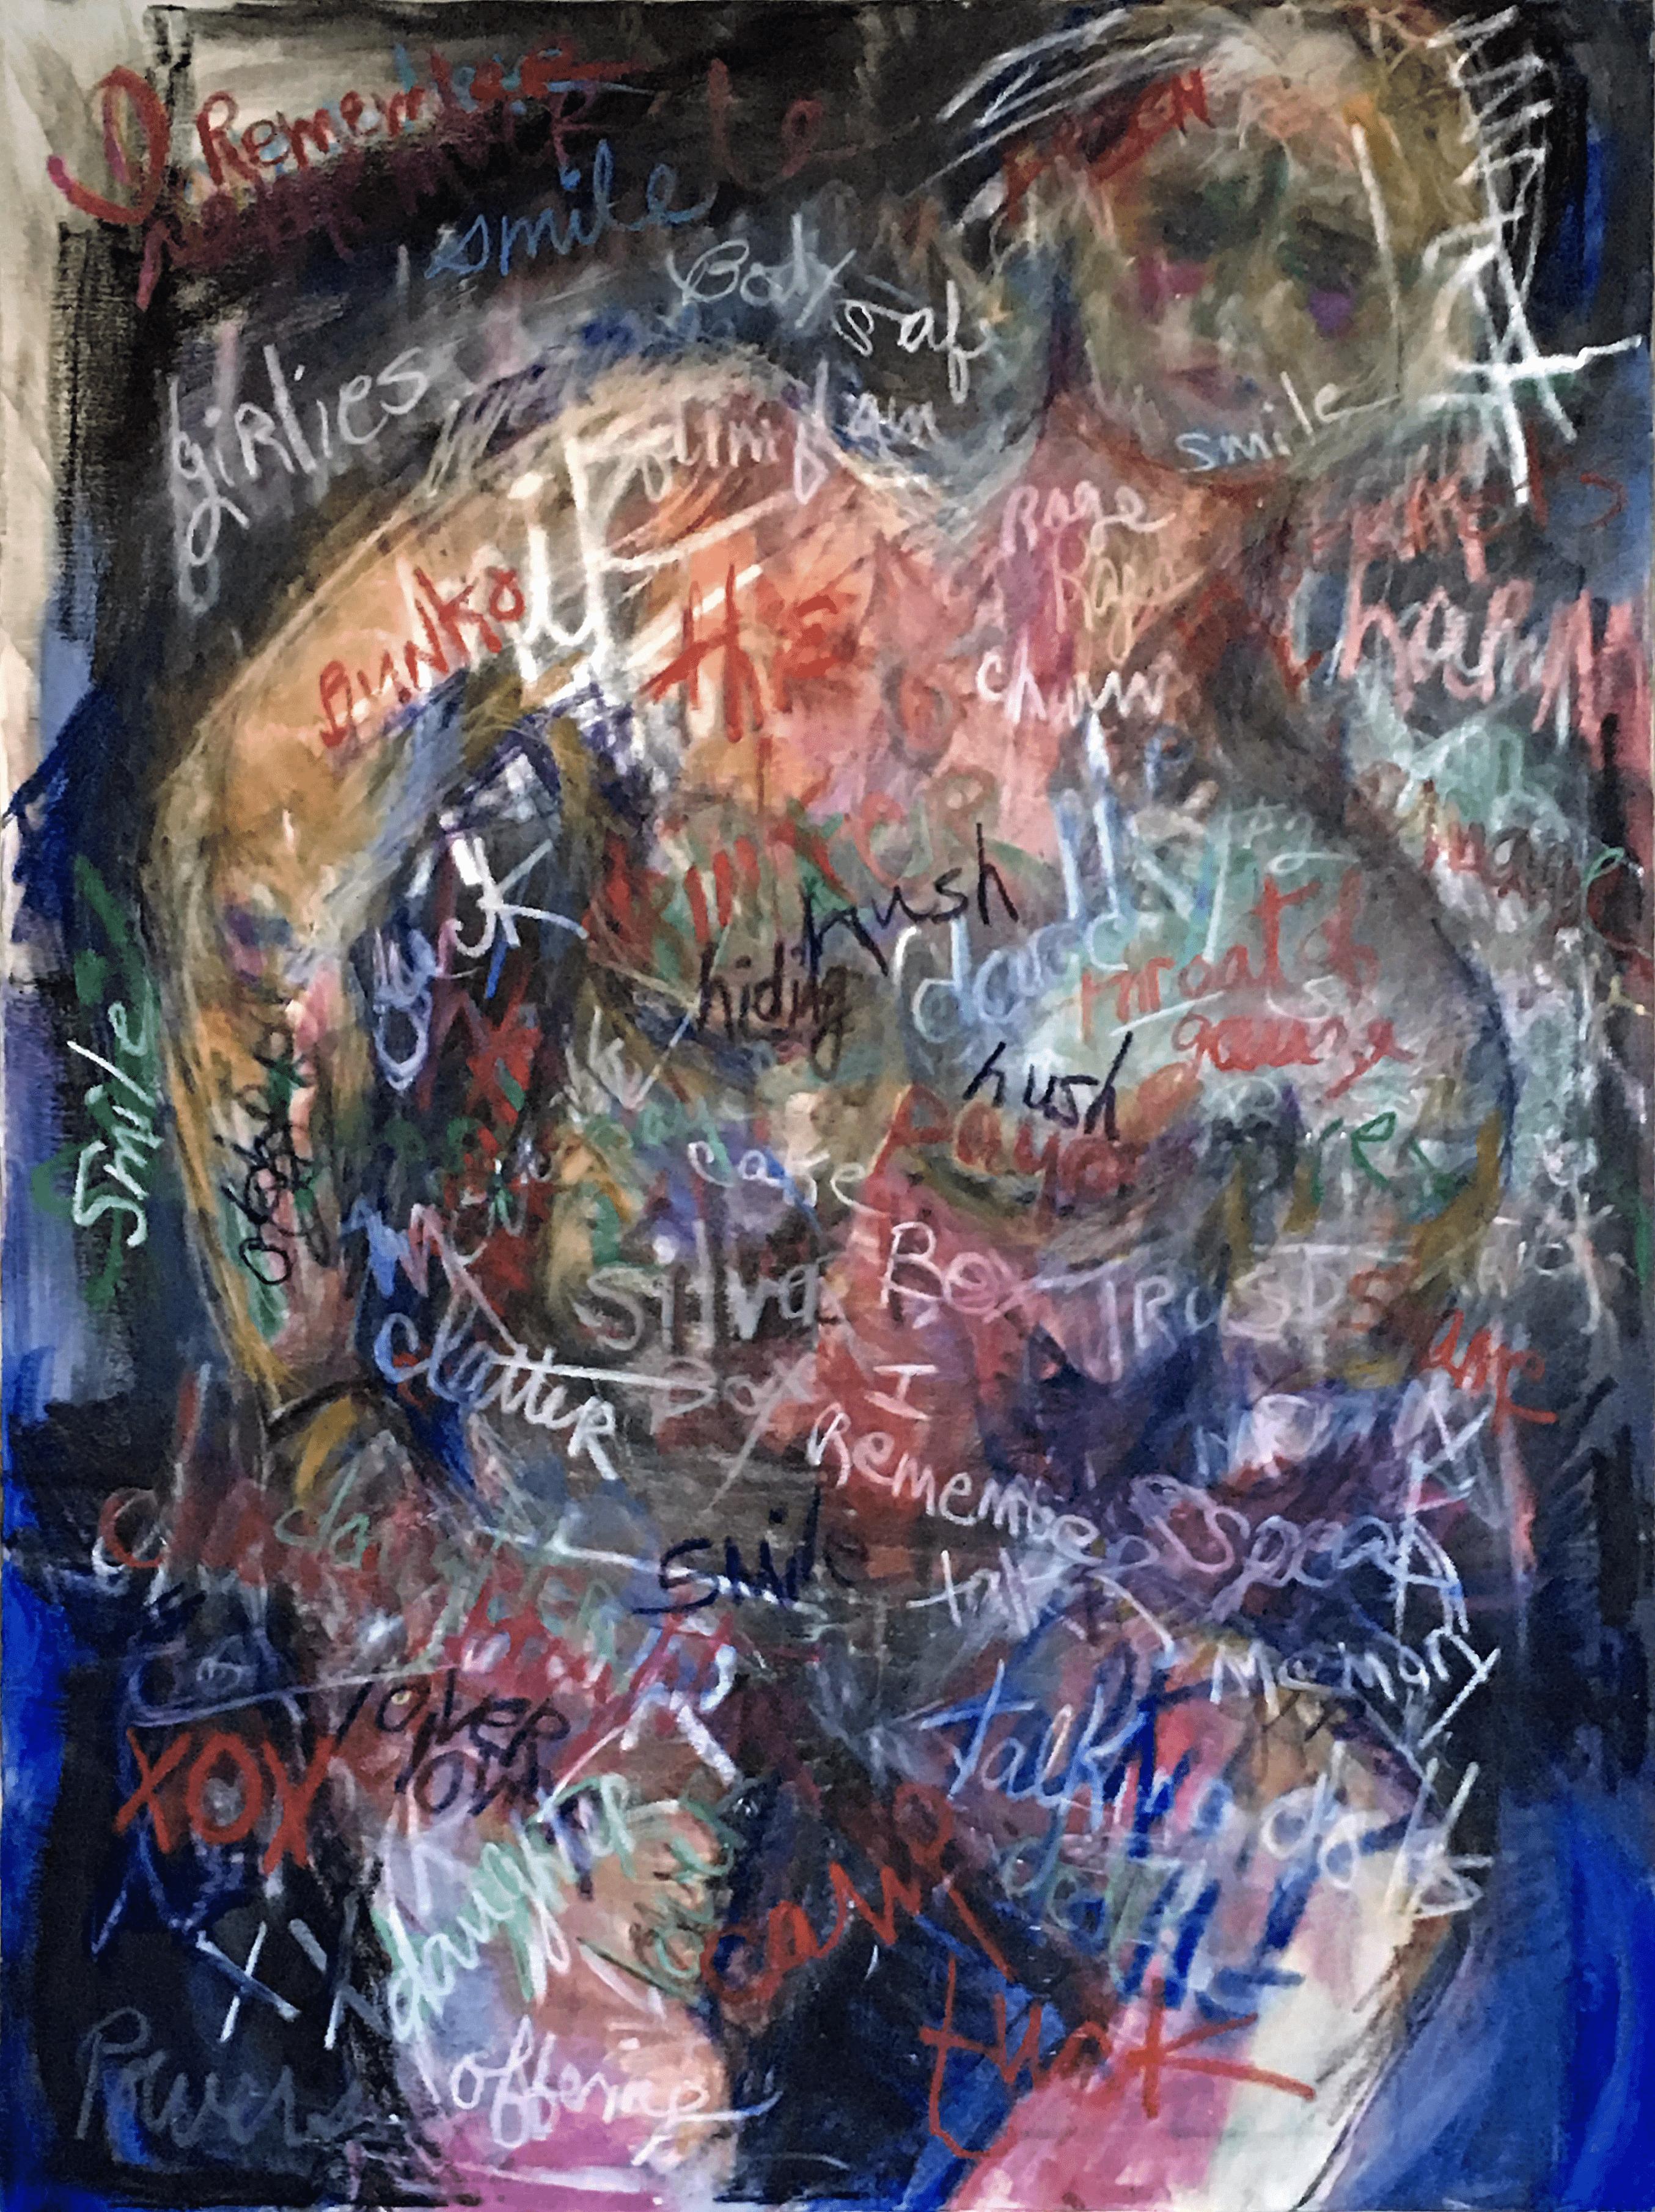 1989—2017 Graffiti